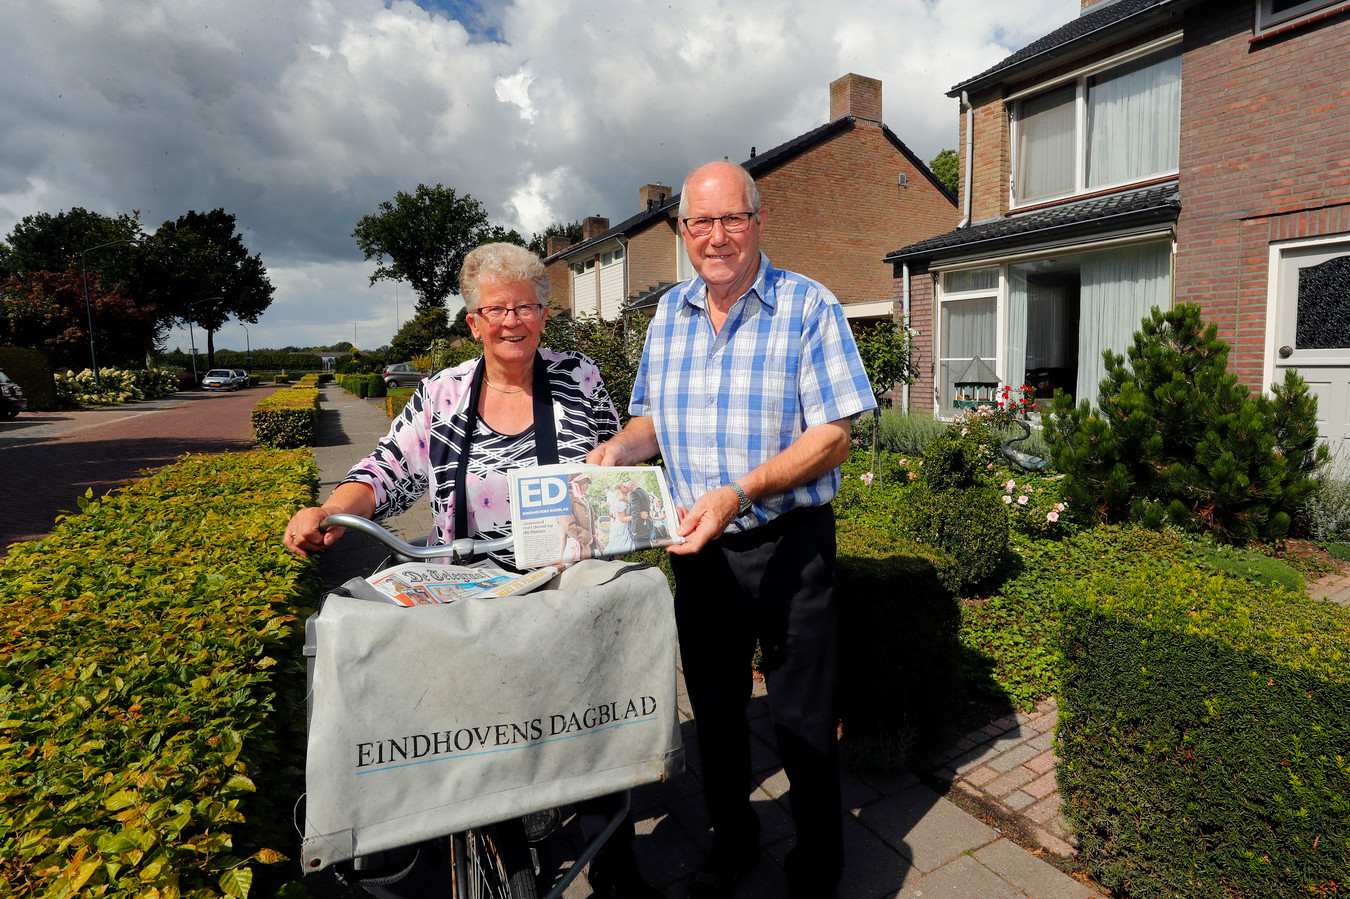 Jo en Tom Jansen bezorgen al 25 jaar de krant in Hoogeloon